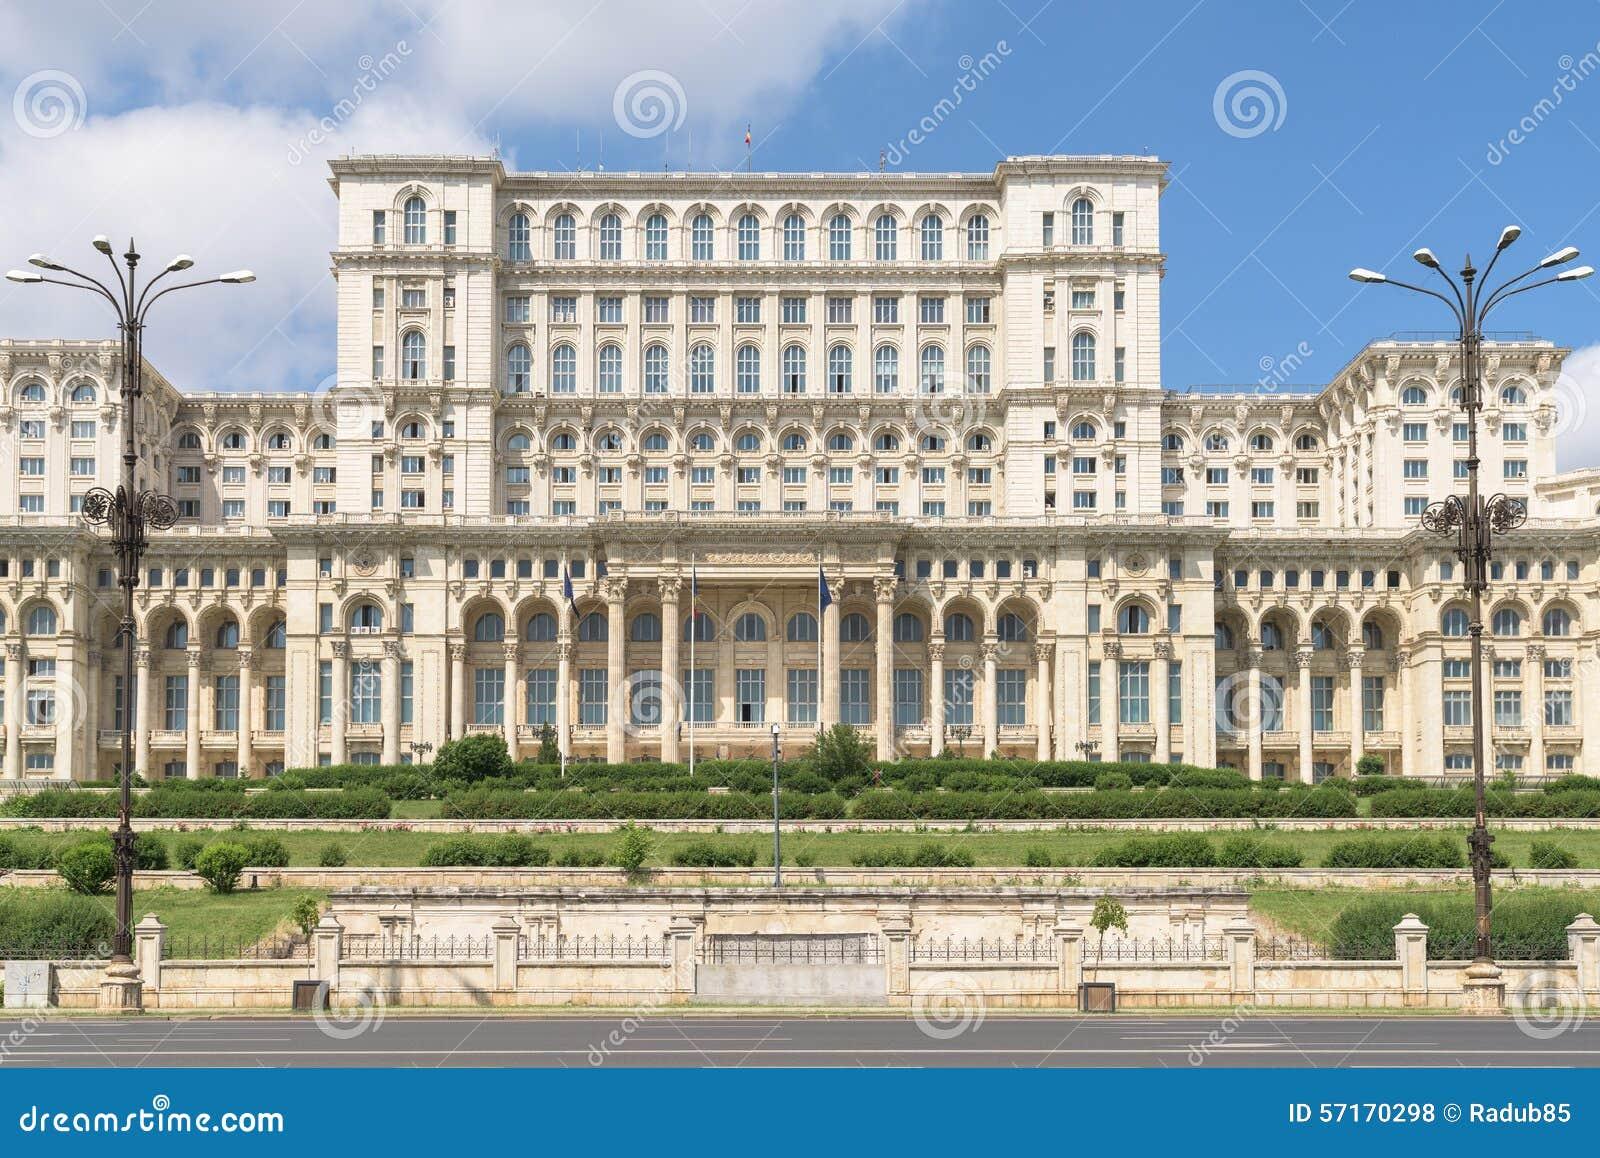 Παλάτι του Κοινοβουλίου (Casa Poporului) ή σπίτι των ανθρώπων στο Βουκουρέστι